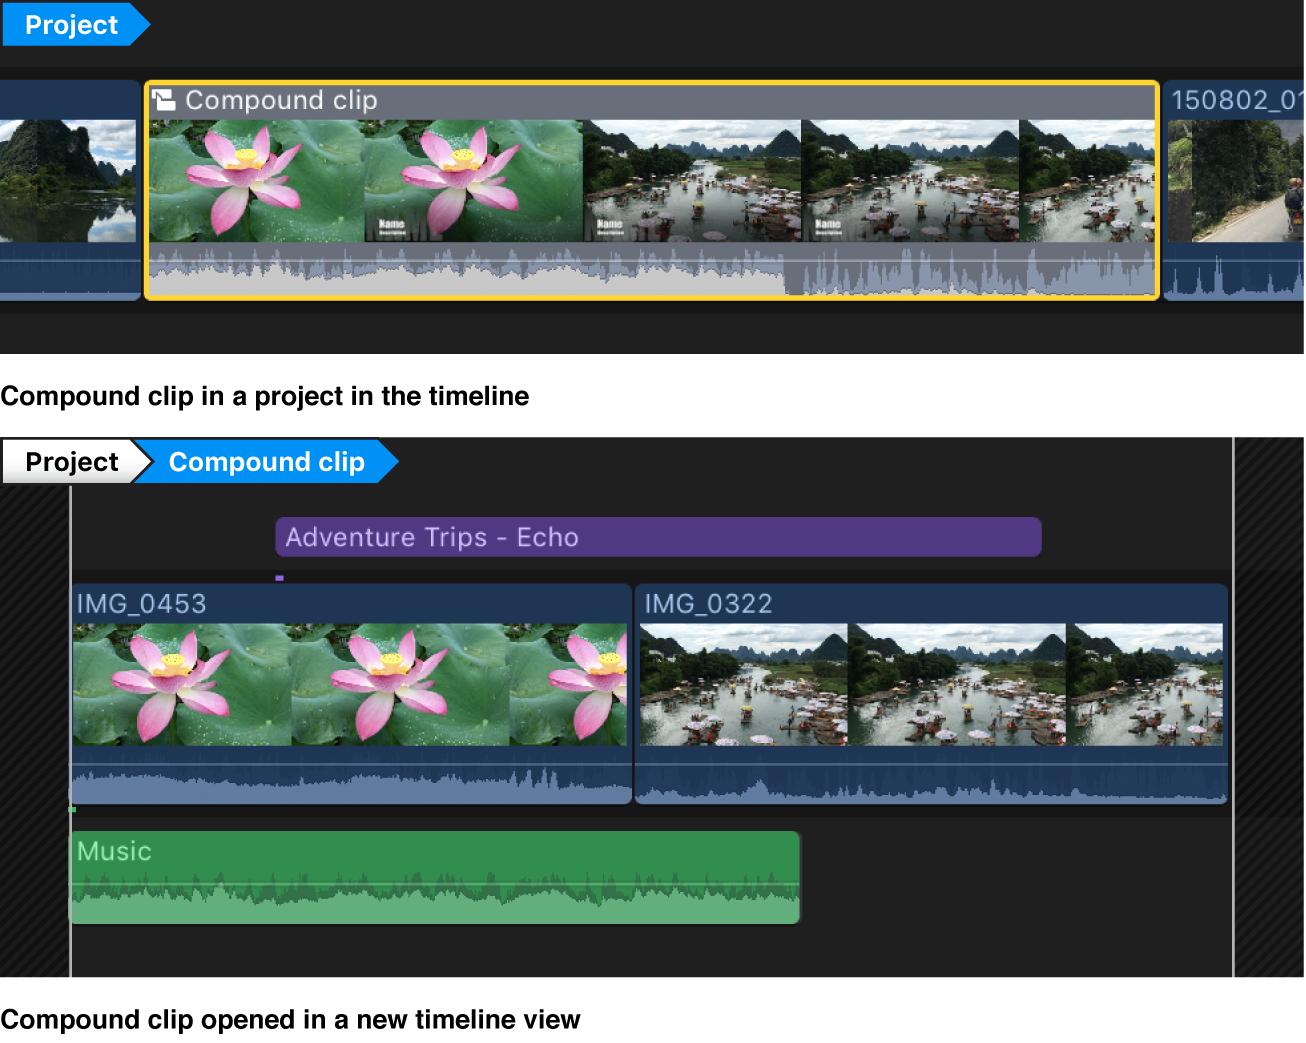 Un plan composé avant et après son ouverture dans une nouvelle instance de la timeline